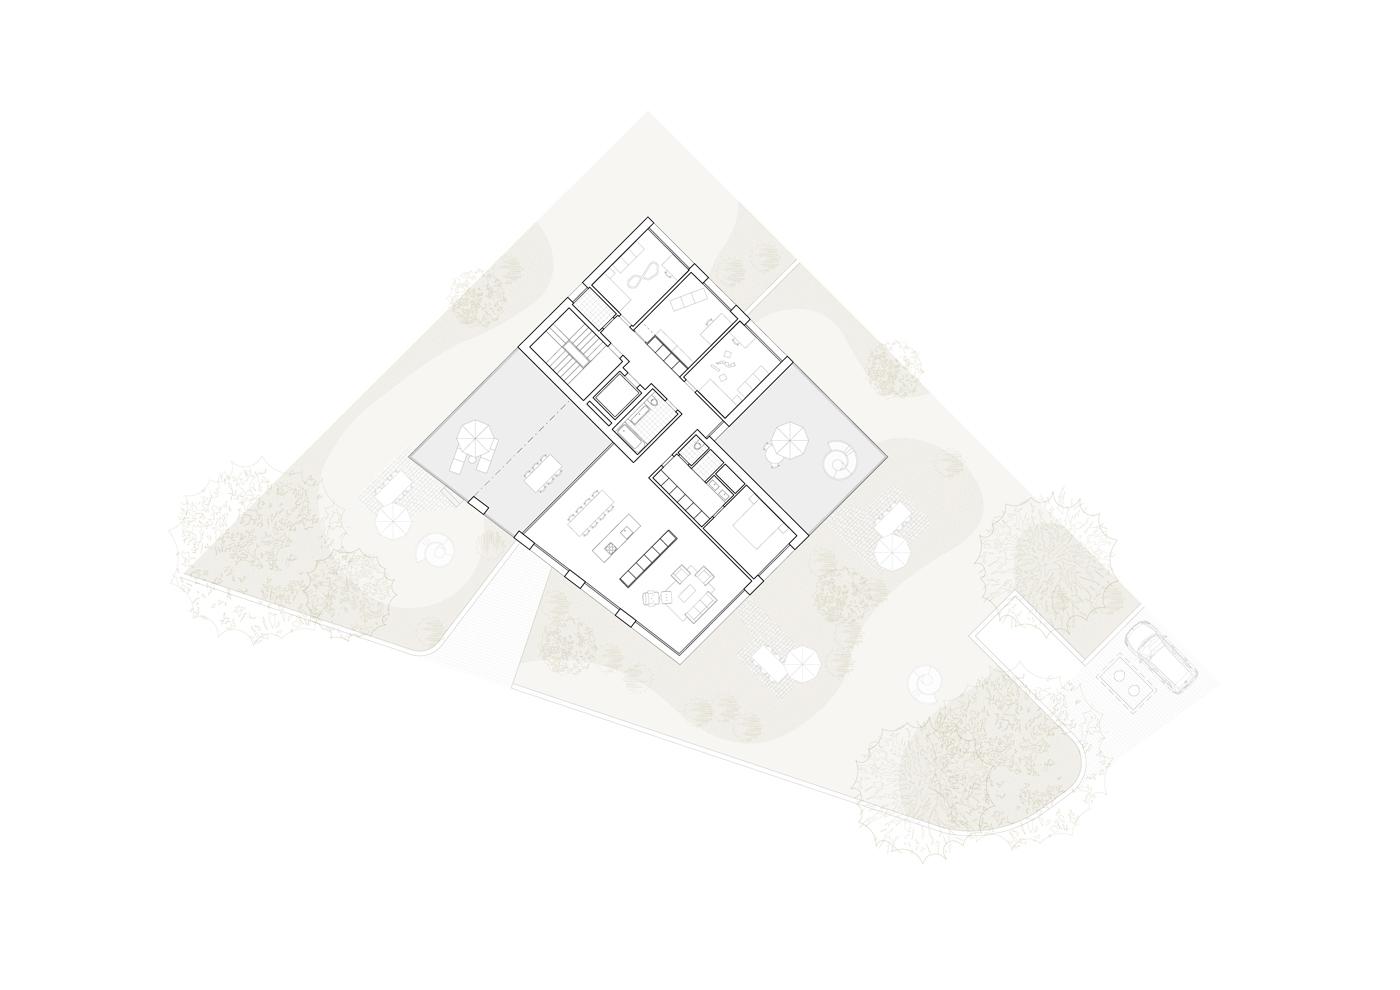 buan architekten – Wohnhaus Nelkenstrasse Emmen – Grundriss Attikageschoss